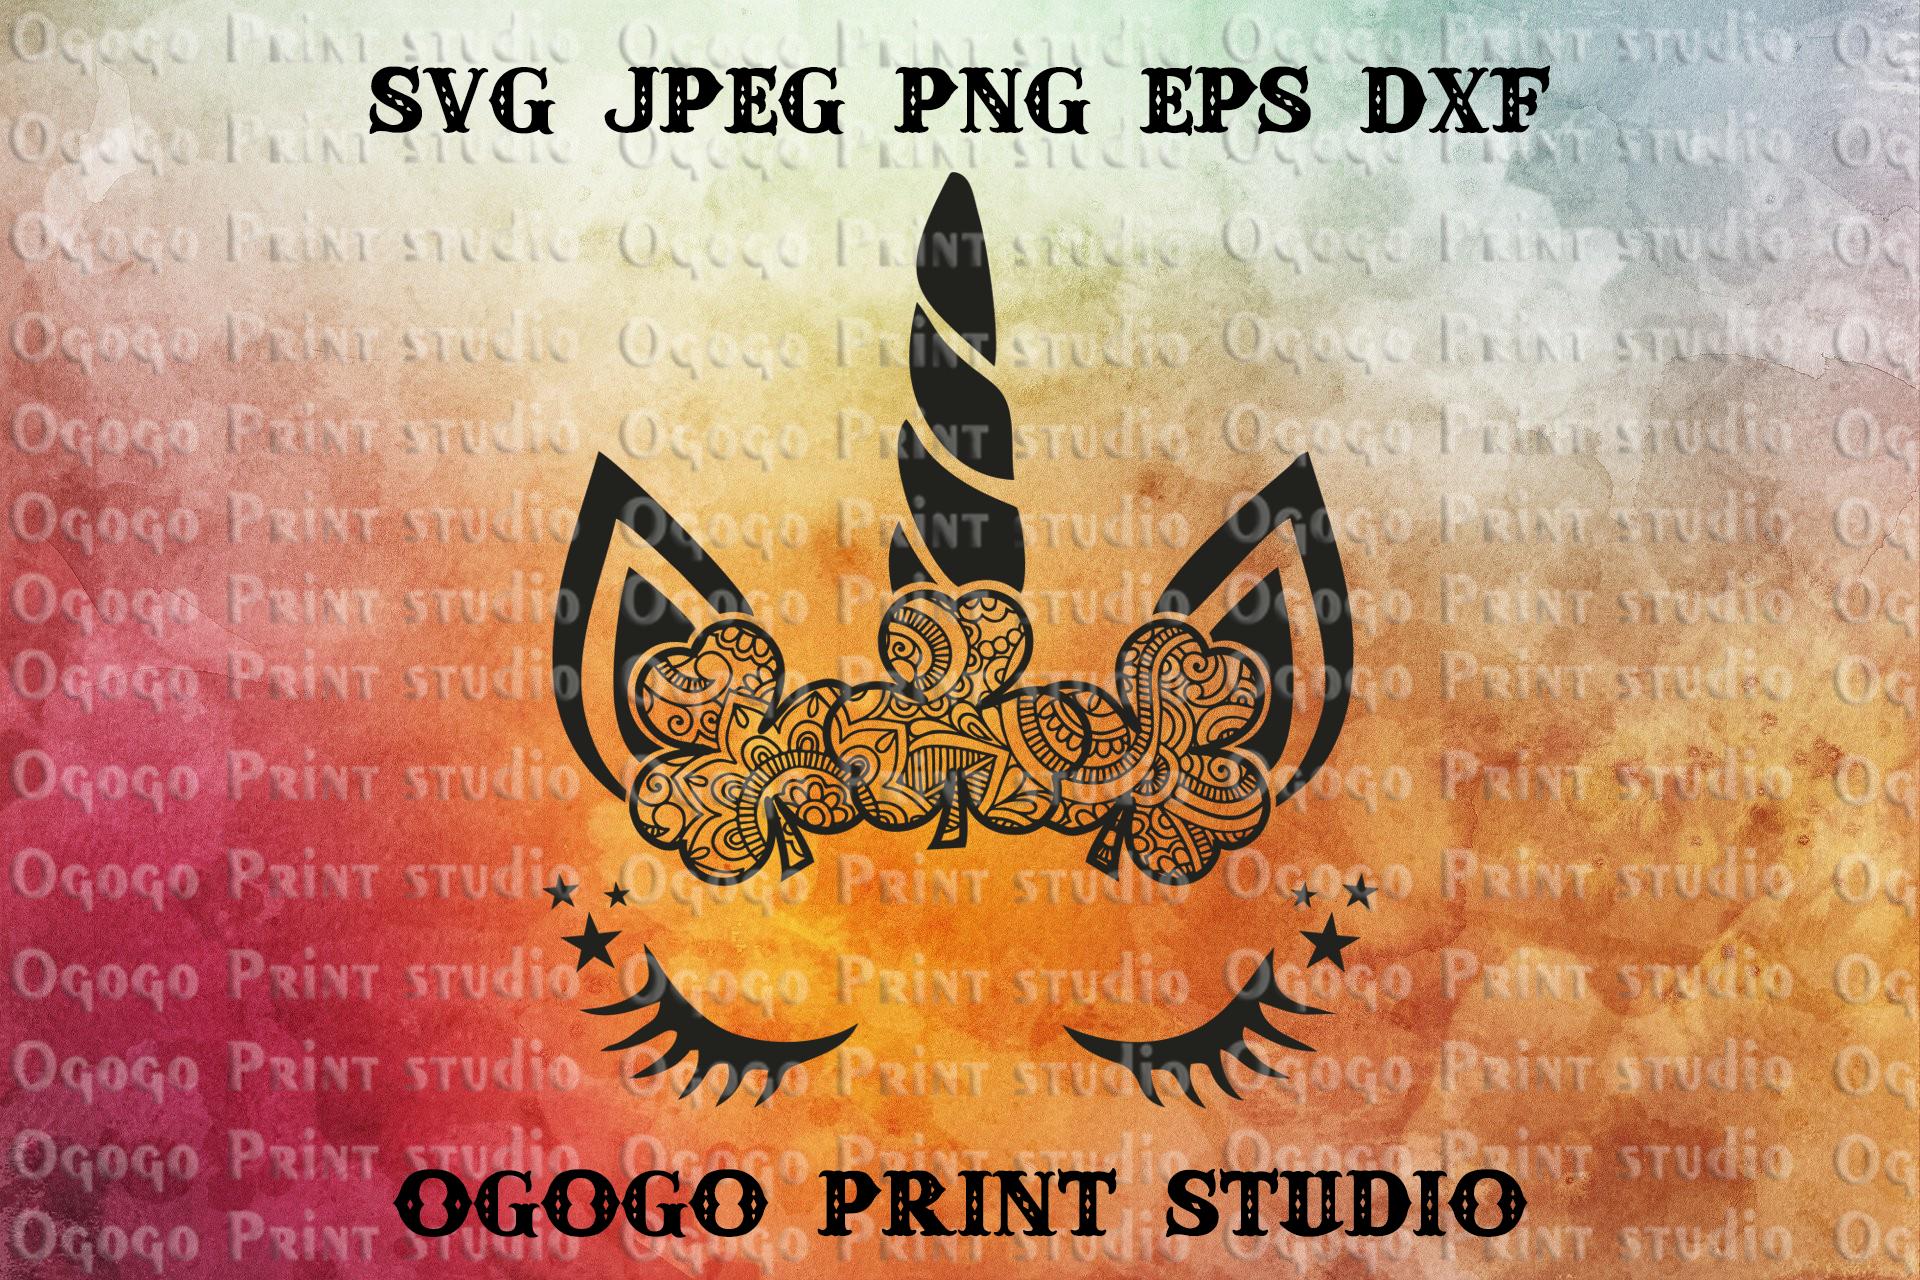 Shamrock SVG, Unicorn svg, Zentangle SVG, St Patrick's Day example image 1